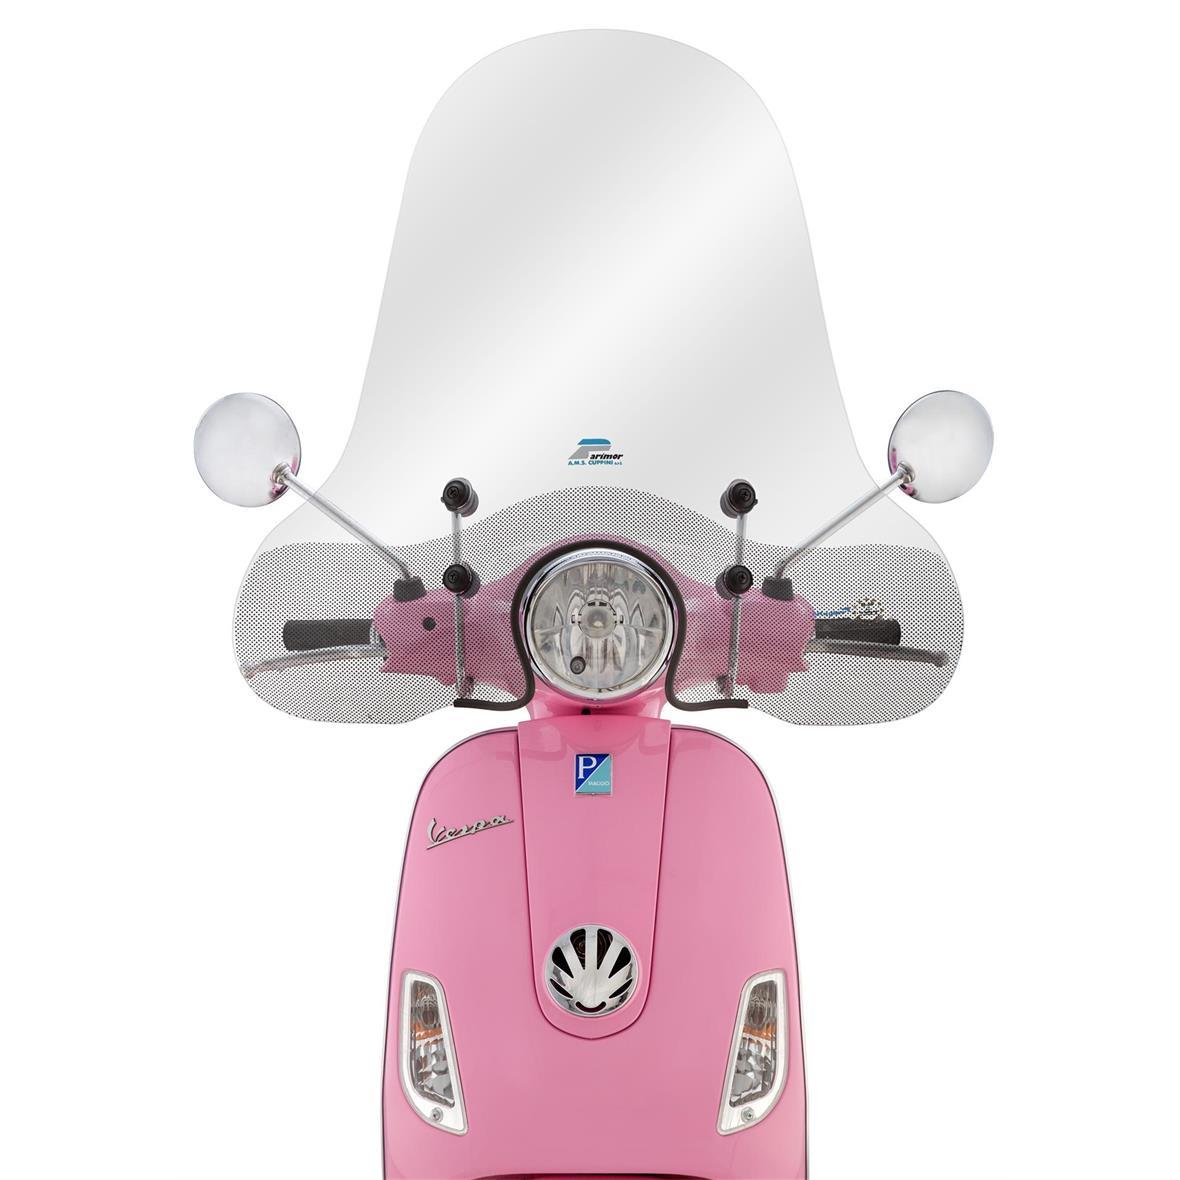 Εικόνα προϊόντος για 'Παρπρίζ CUPPINITitle'